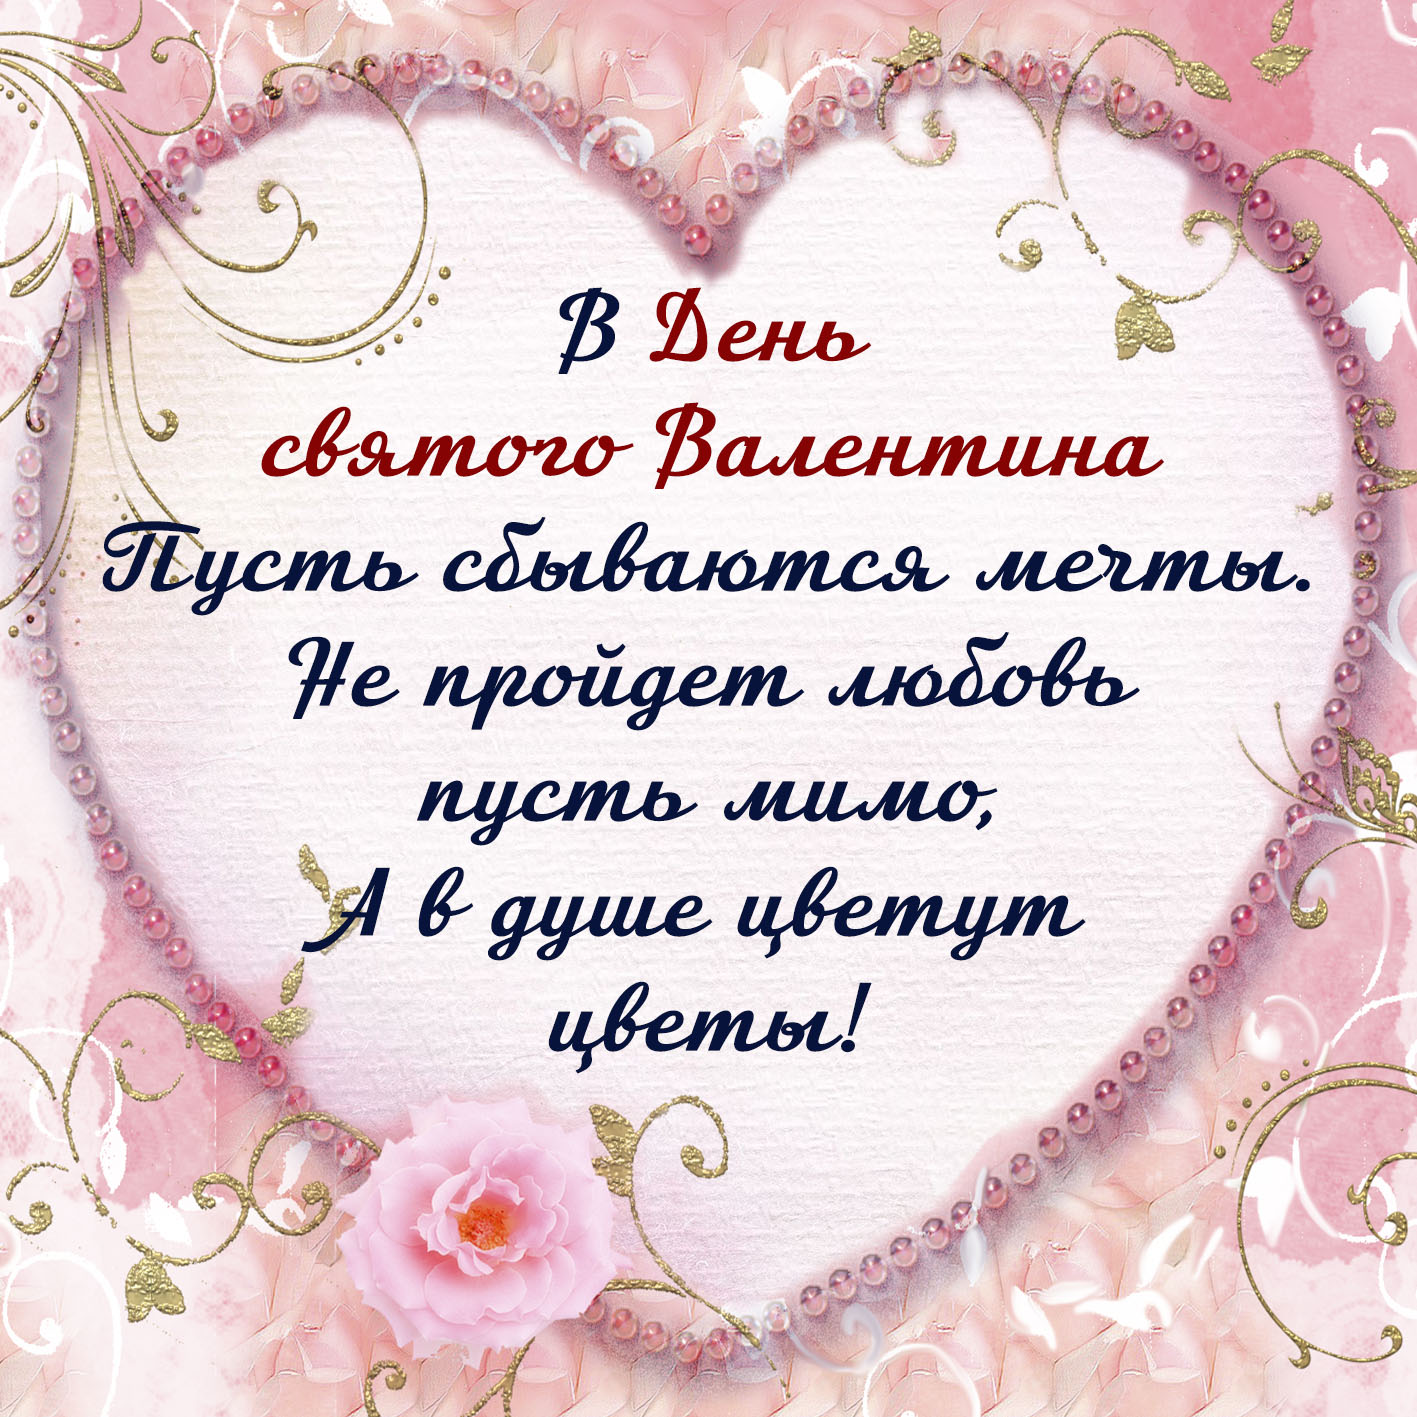 Картинка с пожеланием внутри сердечка на День святого Валентина